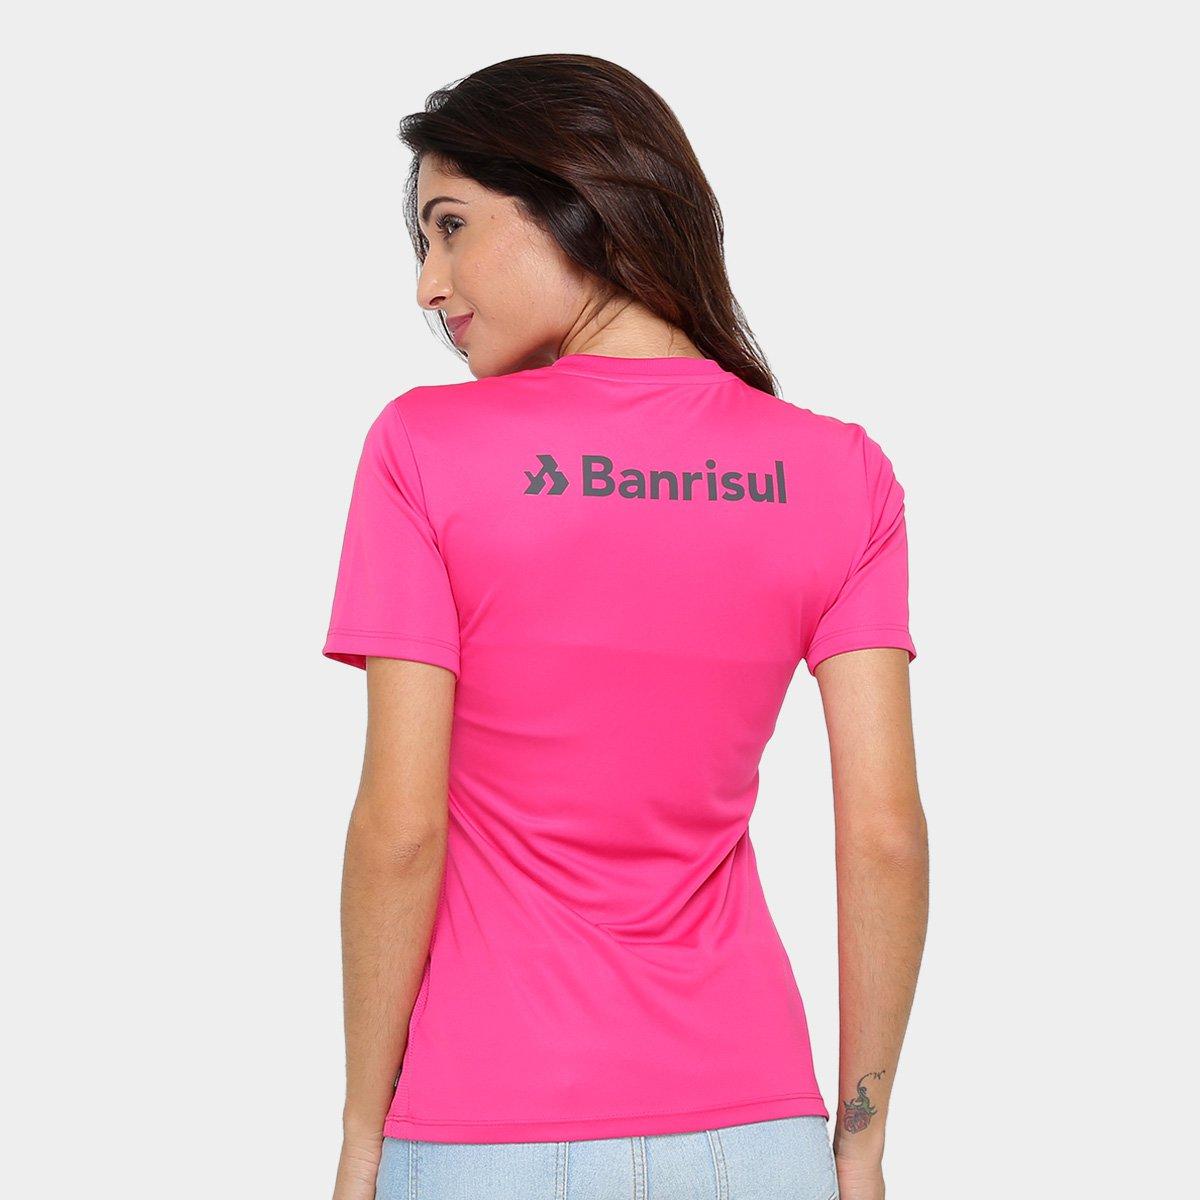 ee0ddd3634 Camisa Internacional Outubro Rosa Nike Feminina - Rosa e Chumbo ...